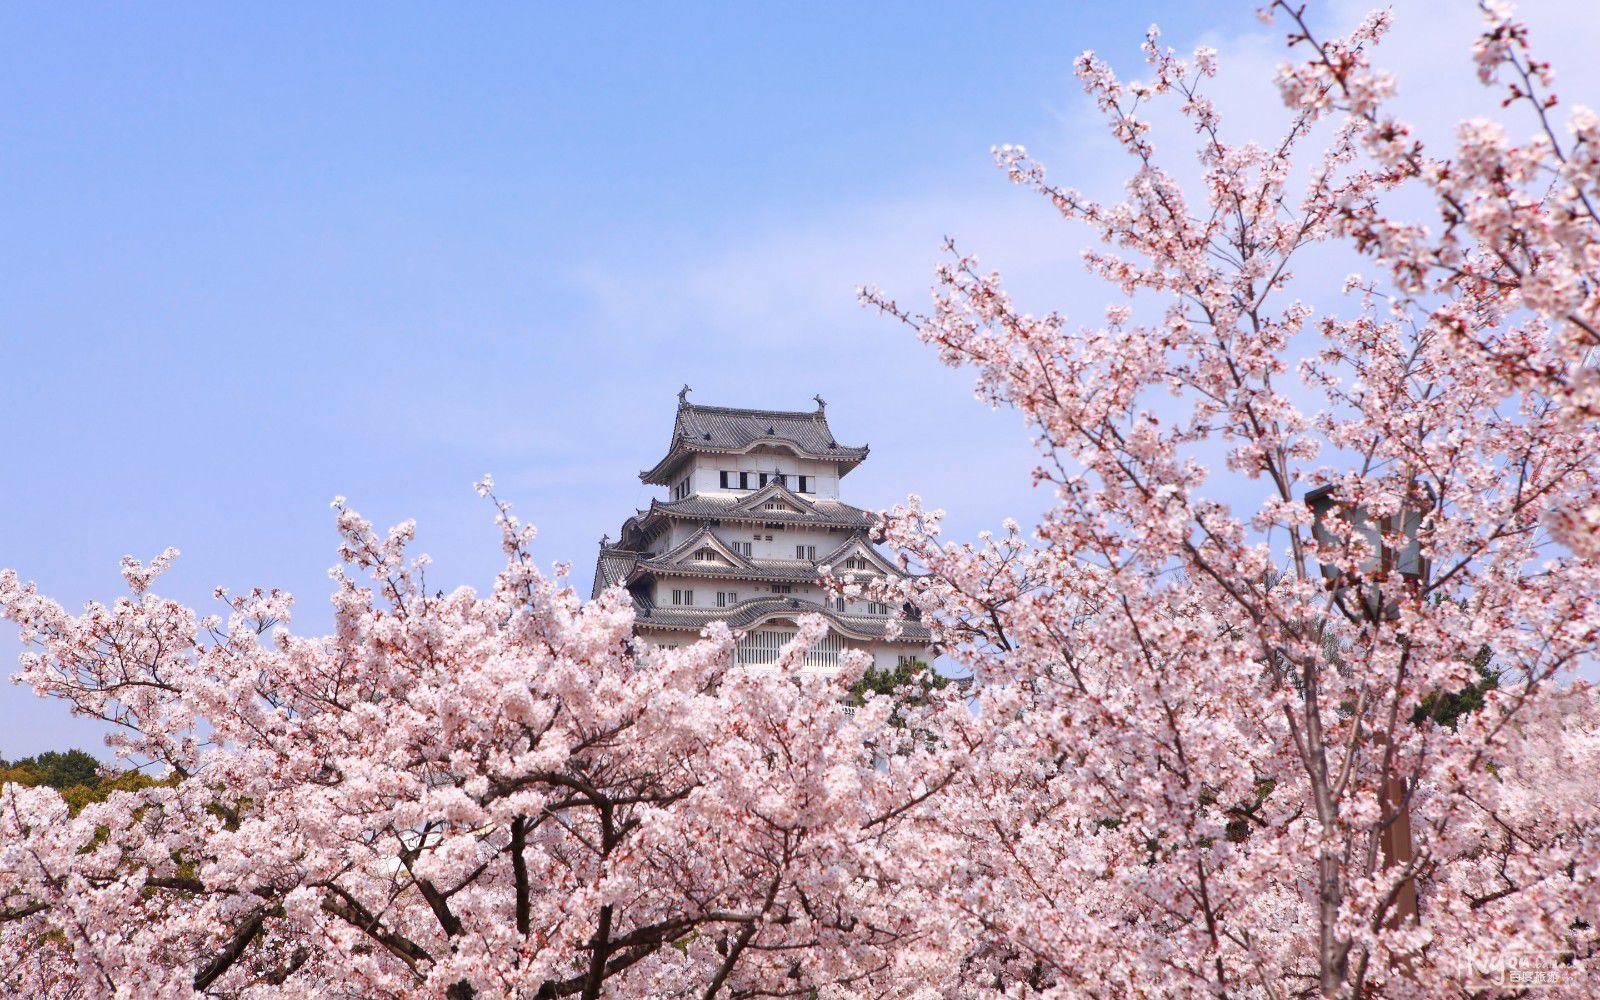 一次性带你了解日本东京各大景点 | 东京旅游攻略指南